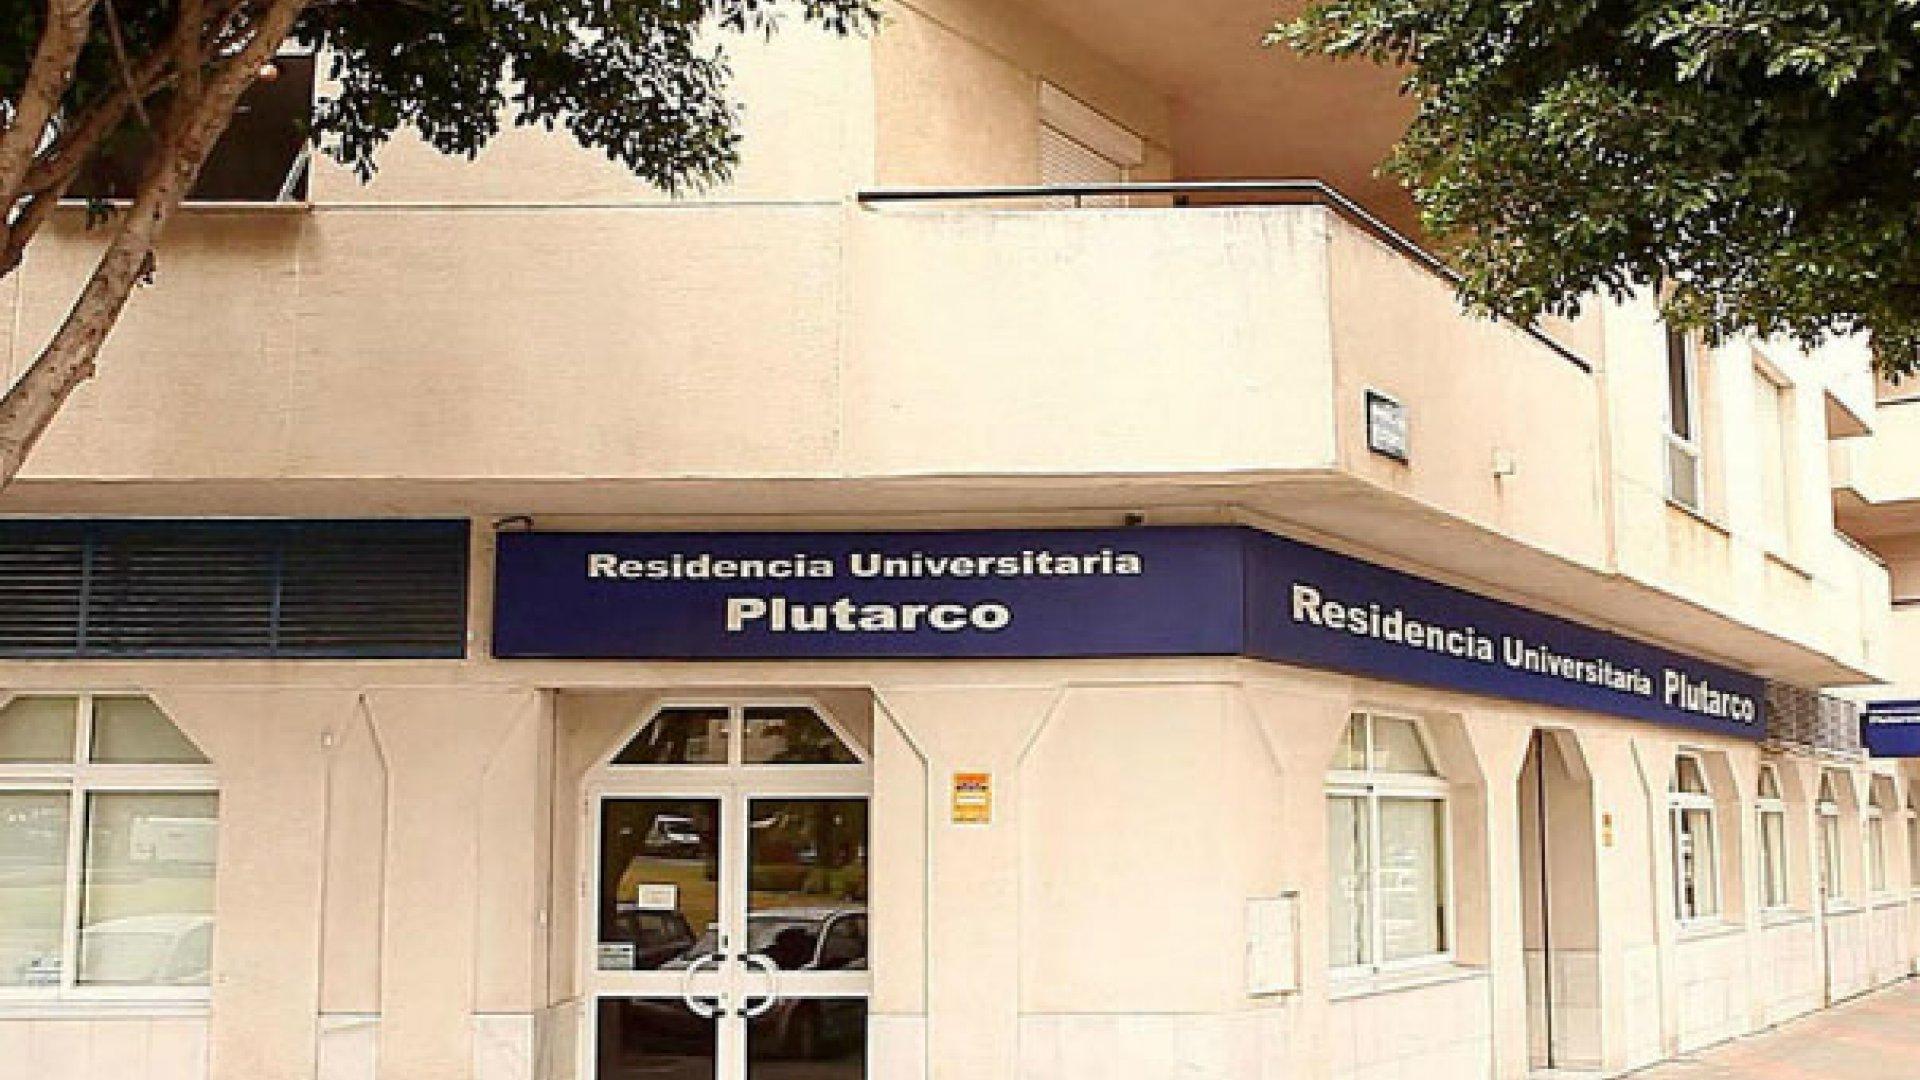 Residencia universitaria Plutarco